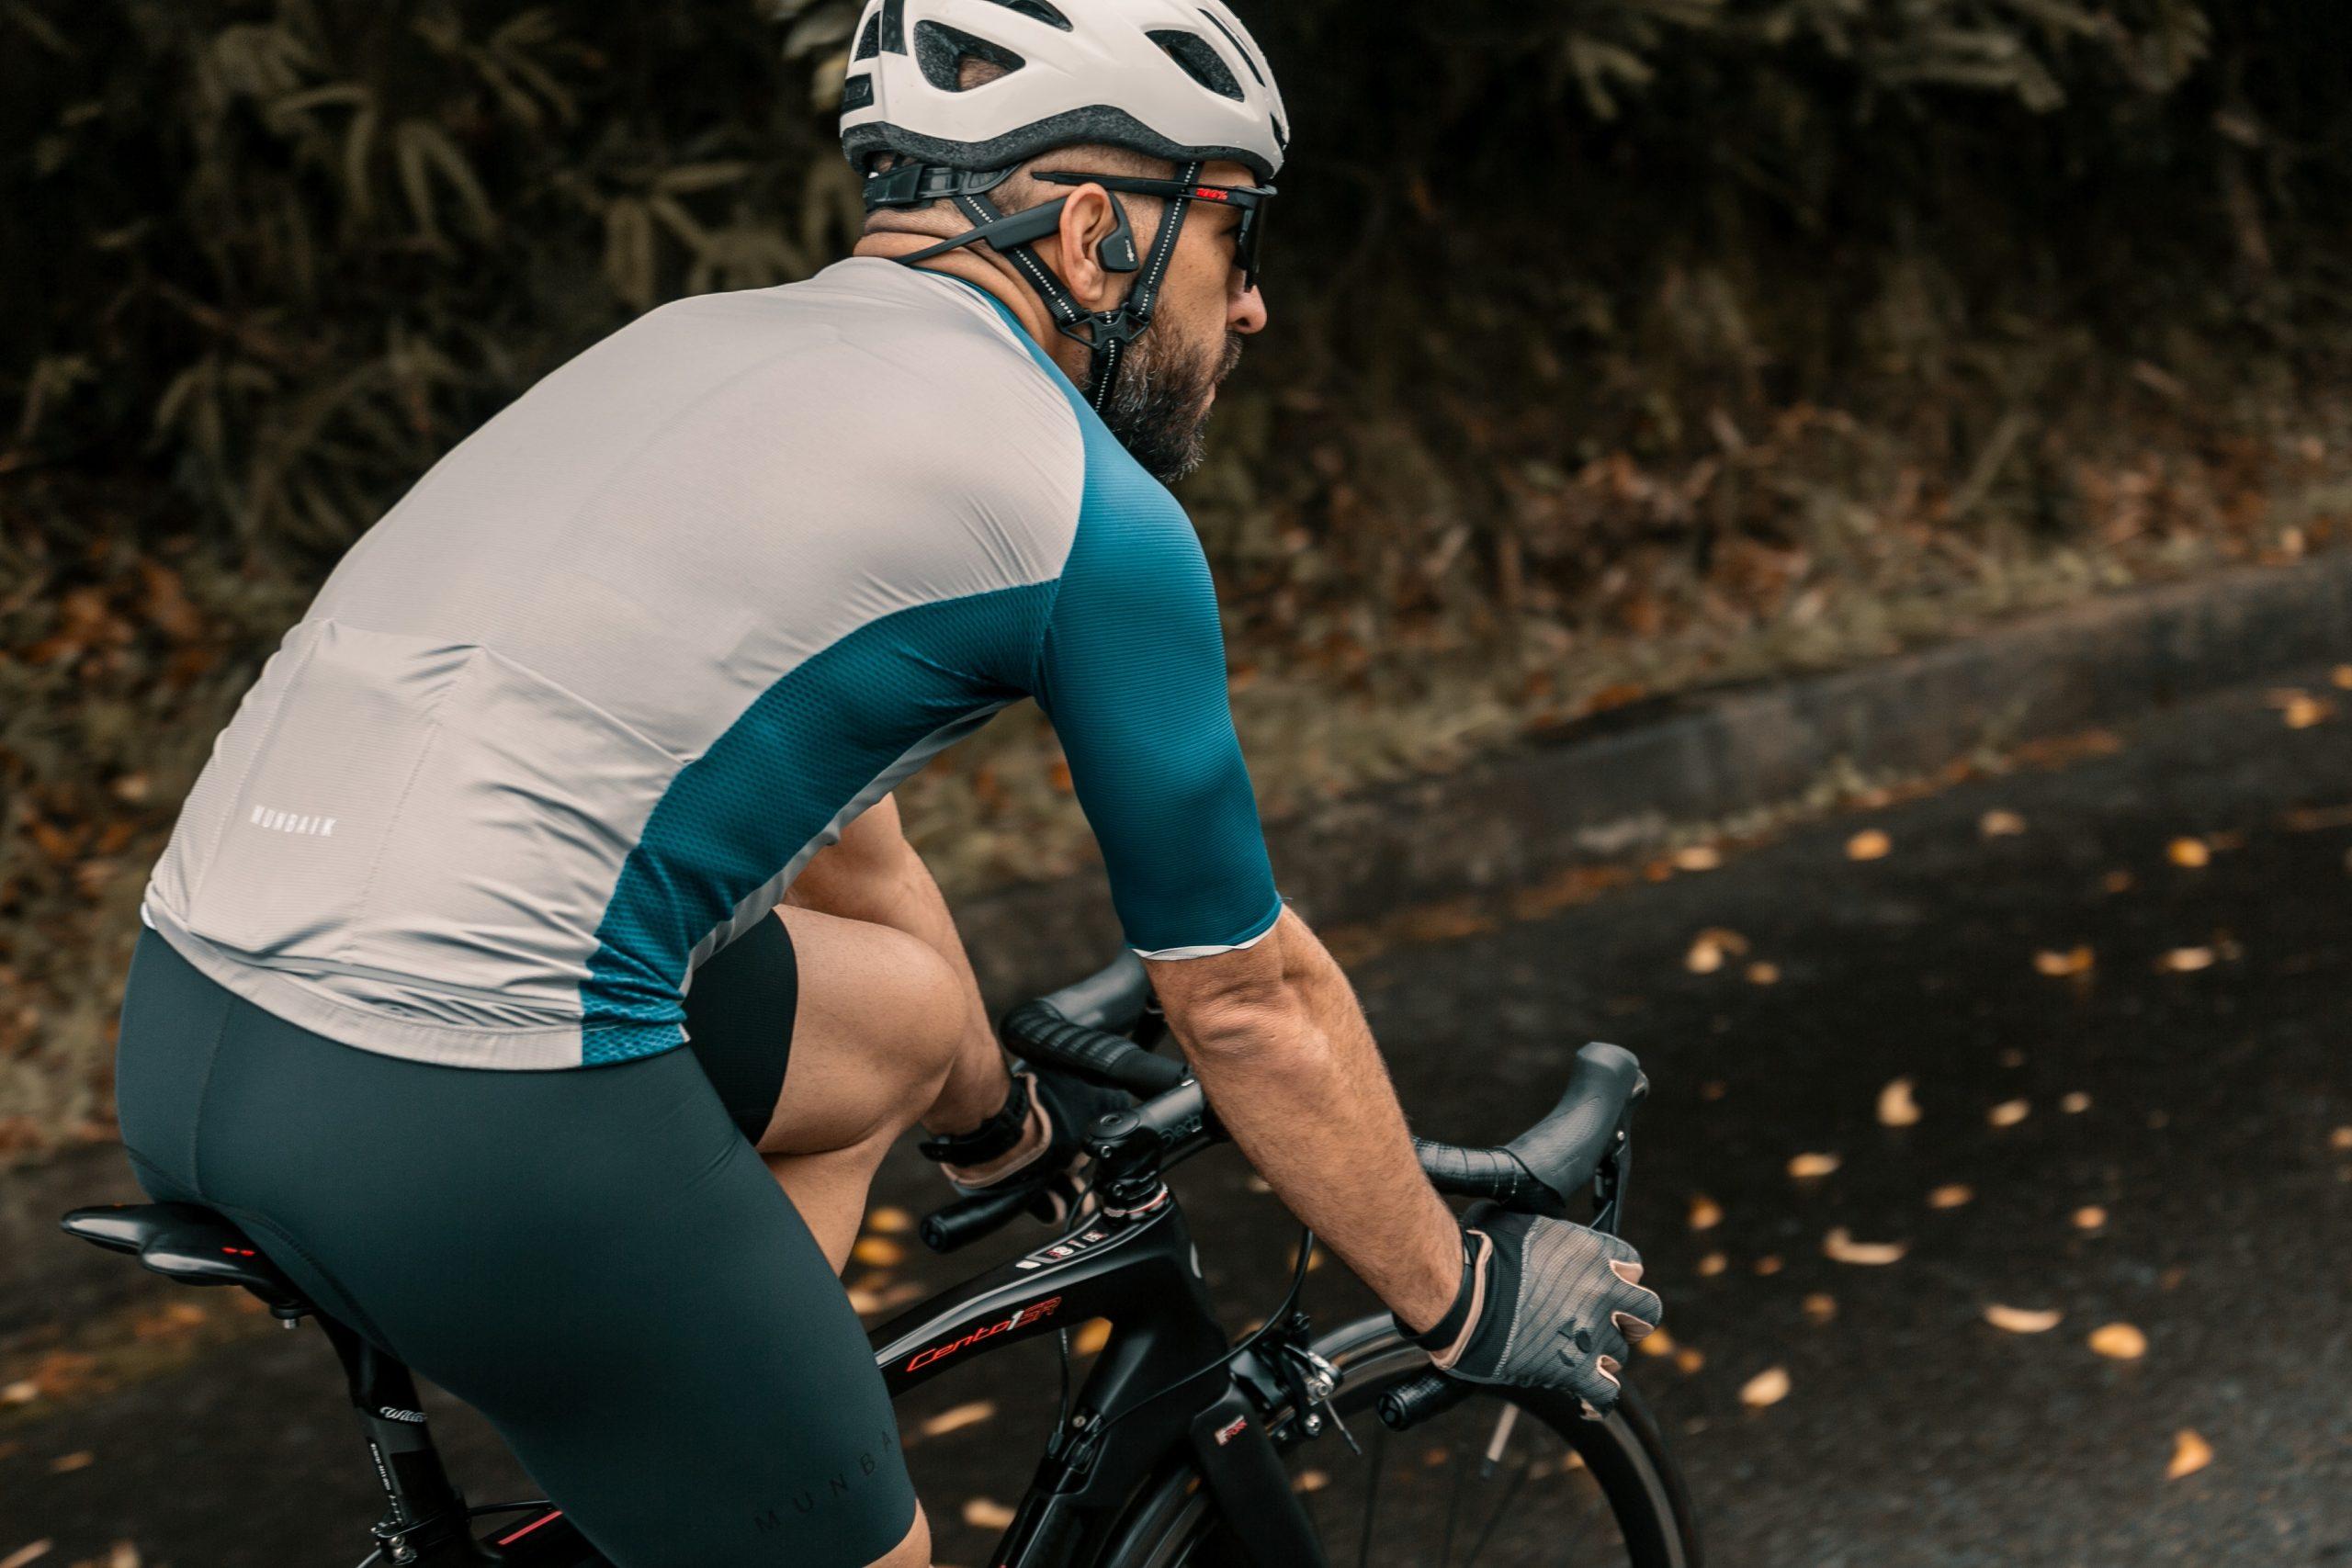 Homem uniformizado com roupa de ciclismo andando de bicicleta